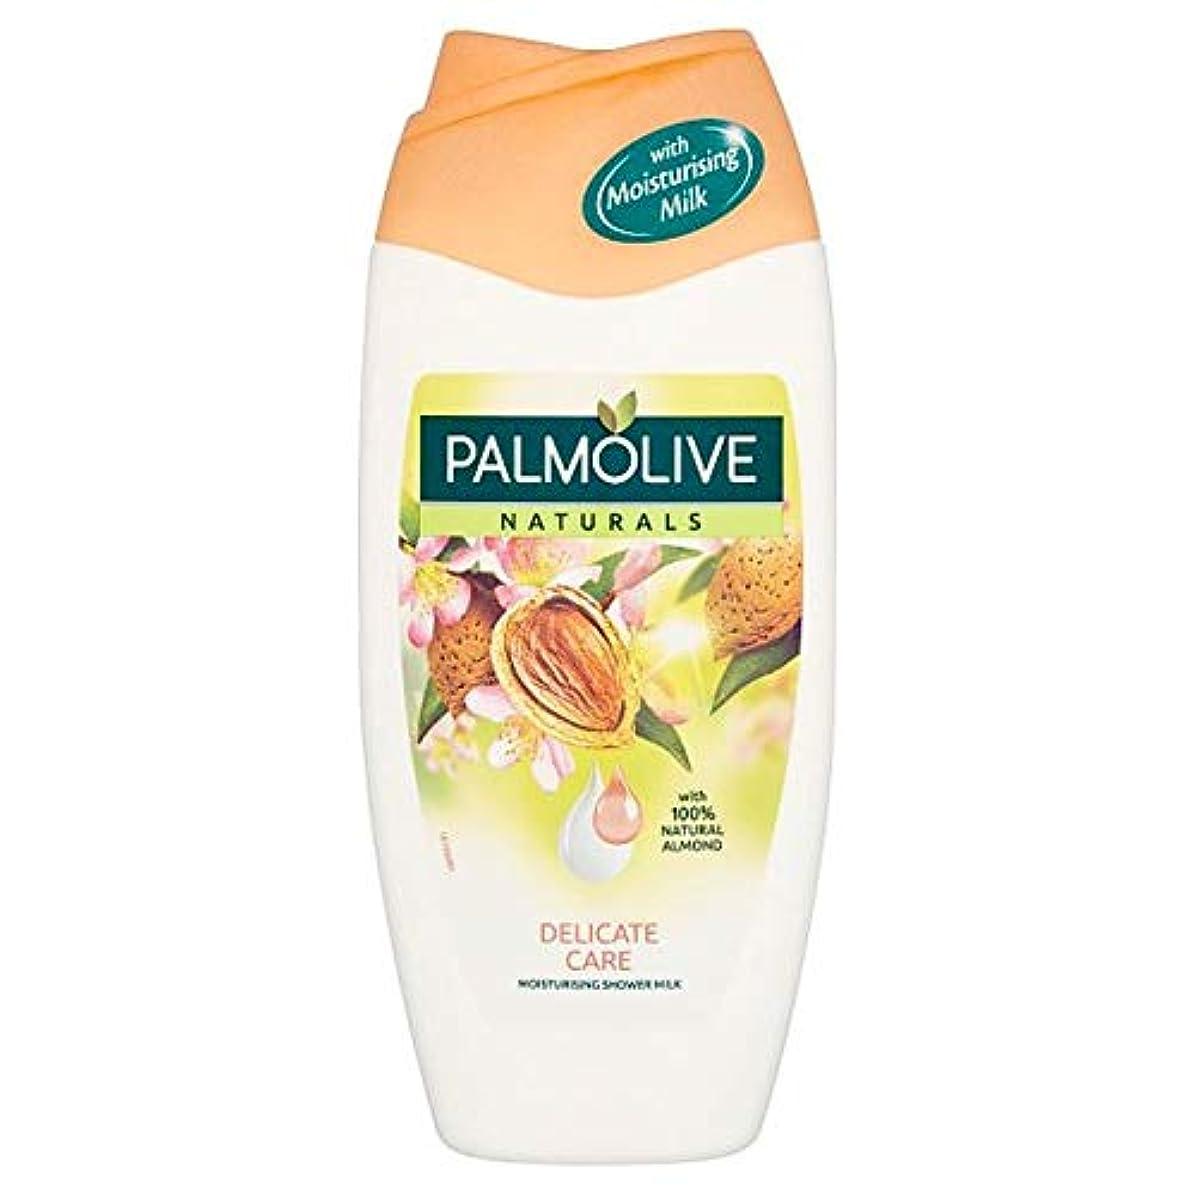 絶望的なディレクター泣き叫ぶ[Palmolive] Palmolive社ナチュラルズは、シャワージェル250ミリリットルアーモンド - Palmolive Naturals Almond Shower Gel 250Ml [並行輸入品]